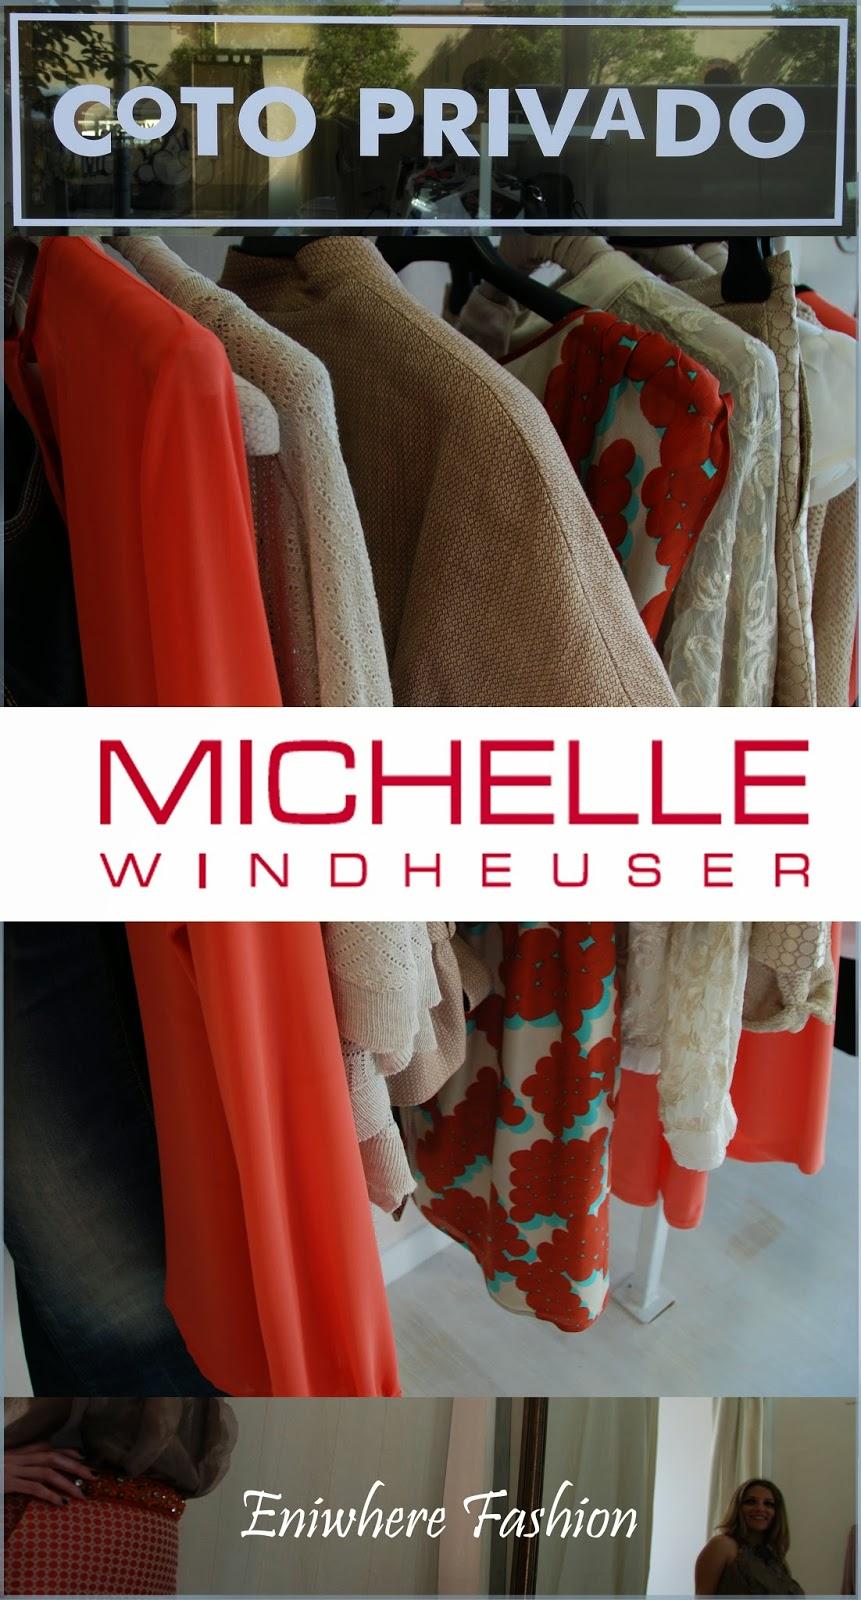 Eniwhere Fashion & Coto Privado